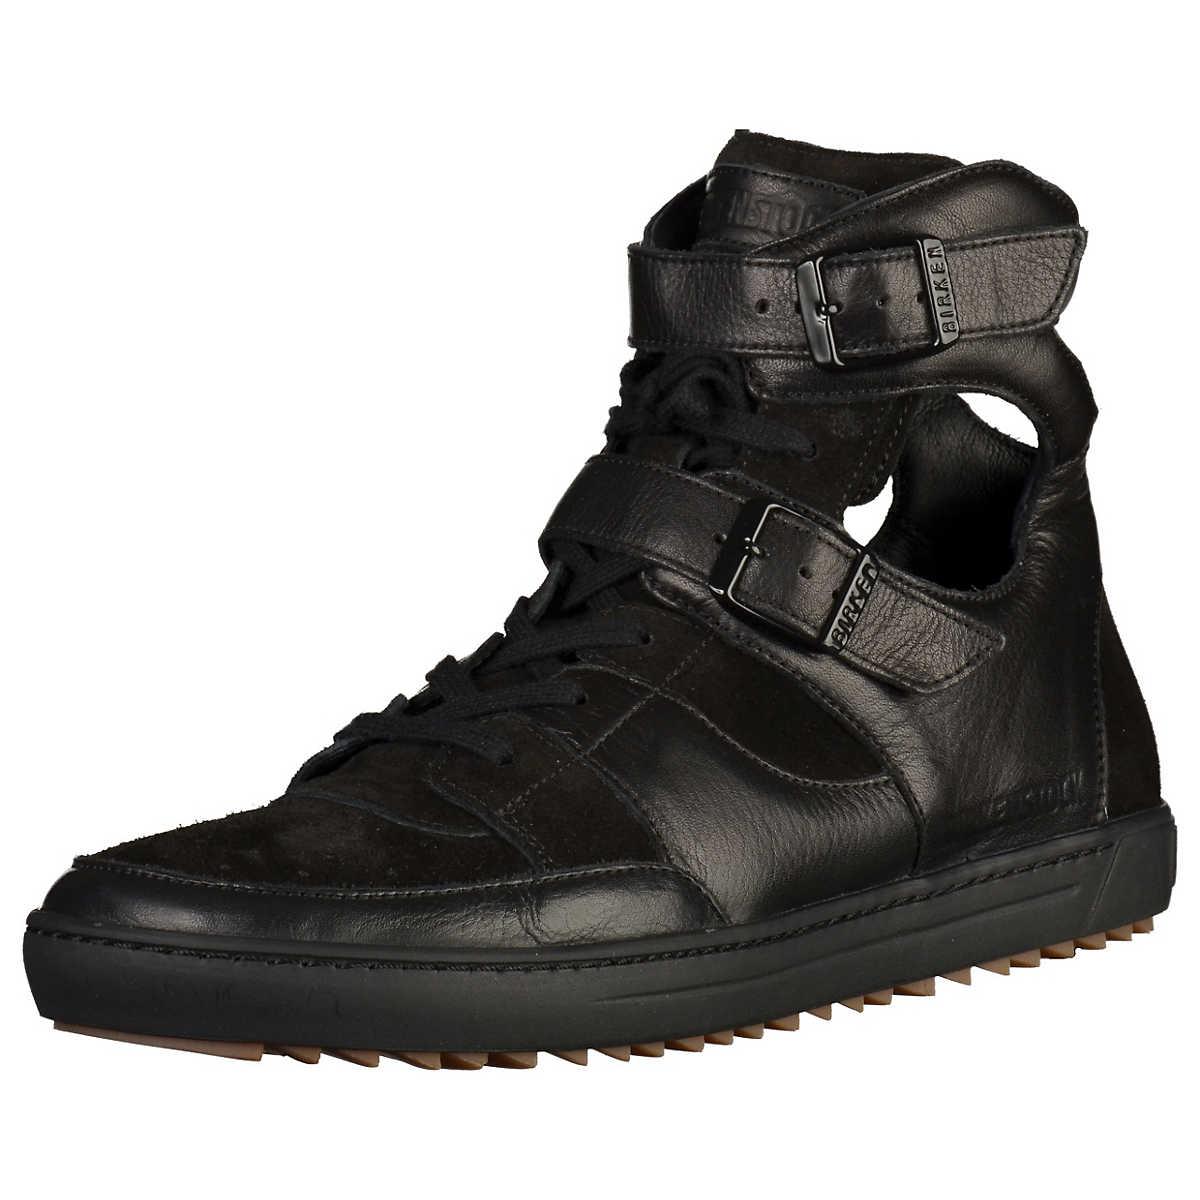 BIRKENSTOCK Sneakers schwarz - BIRKENSTOCK - Sneakers - Schuhe - mirapodo.de